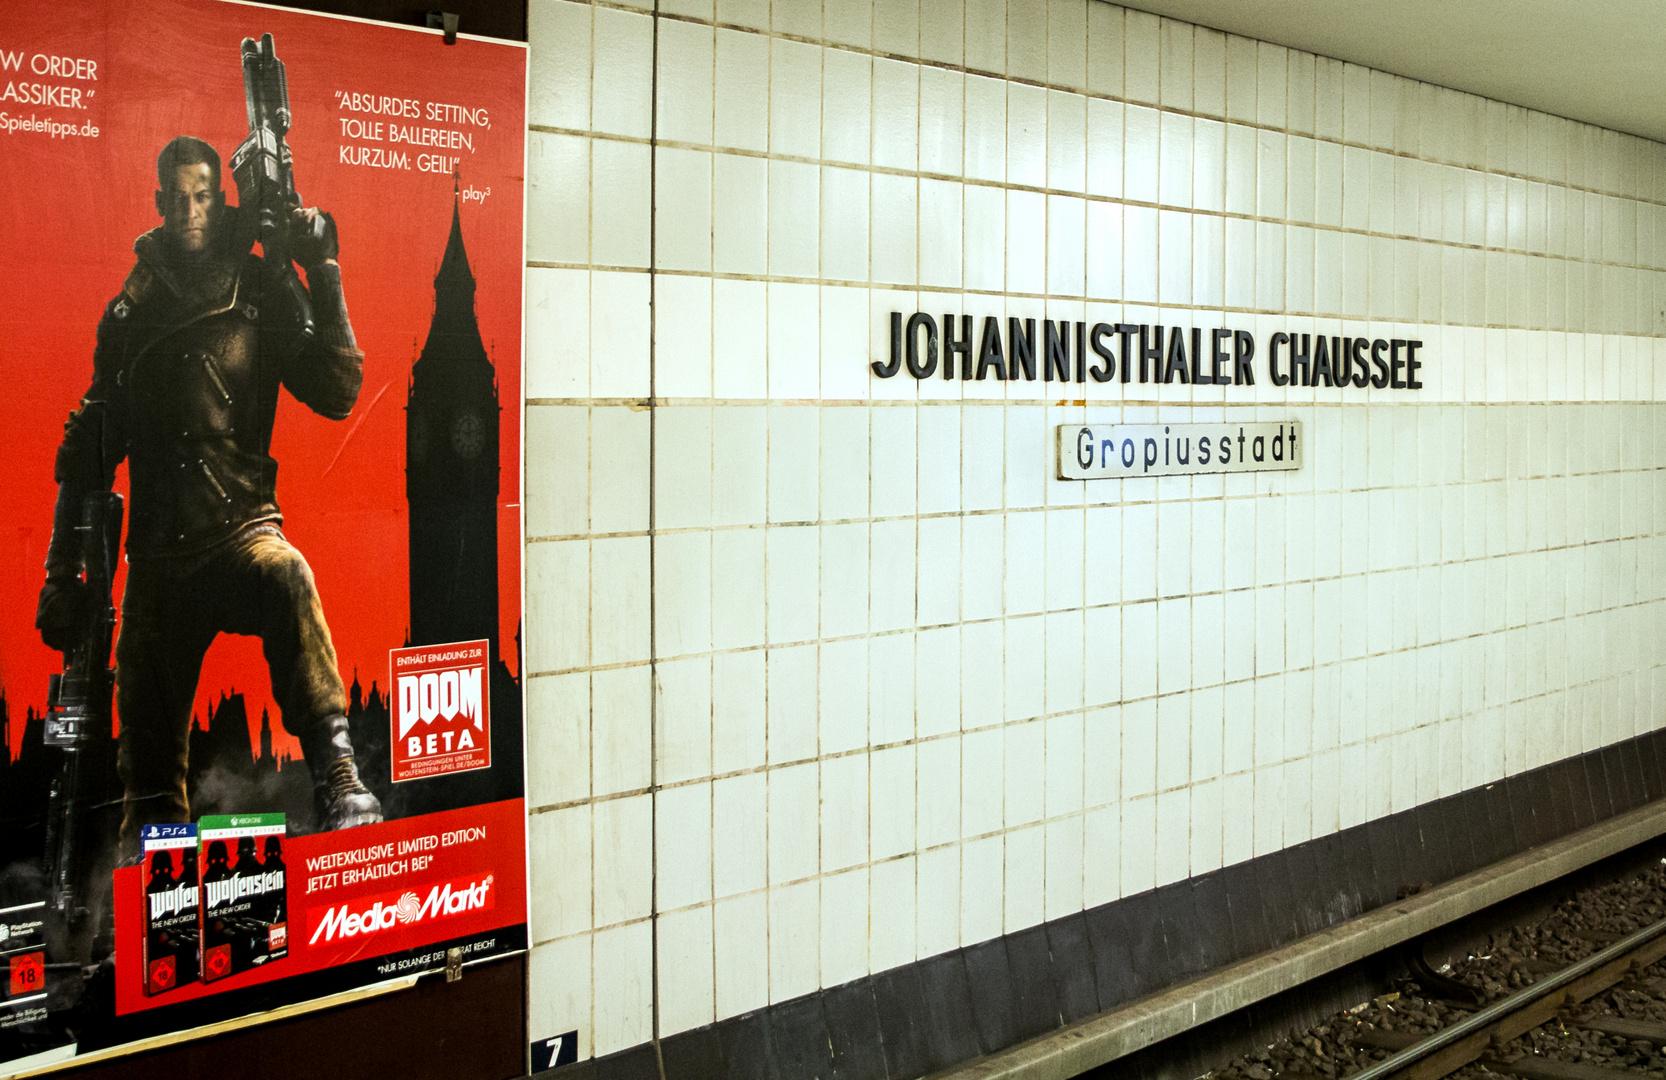 Johannisthaler Chaussee (7)